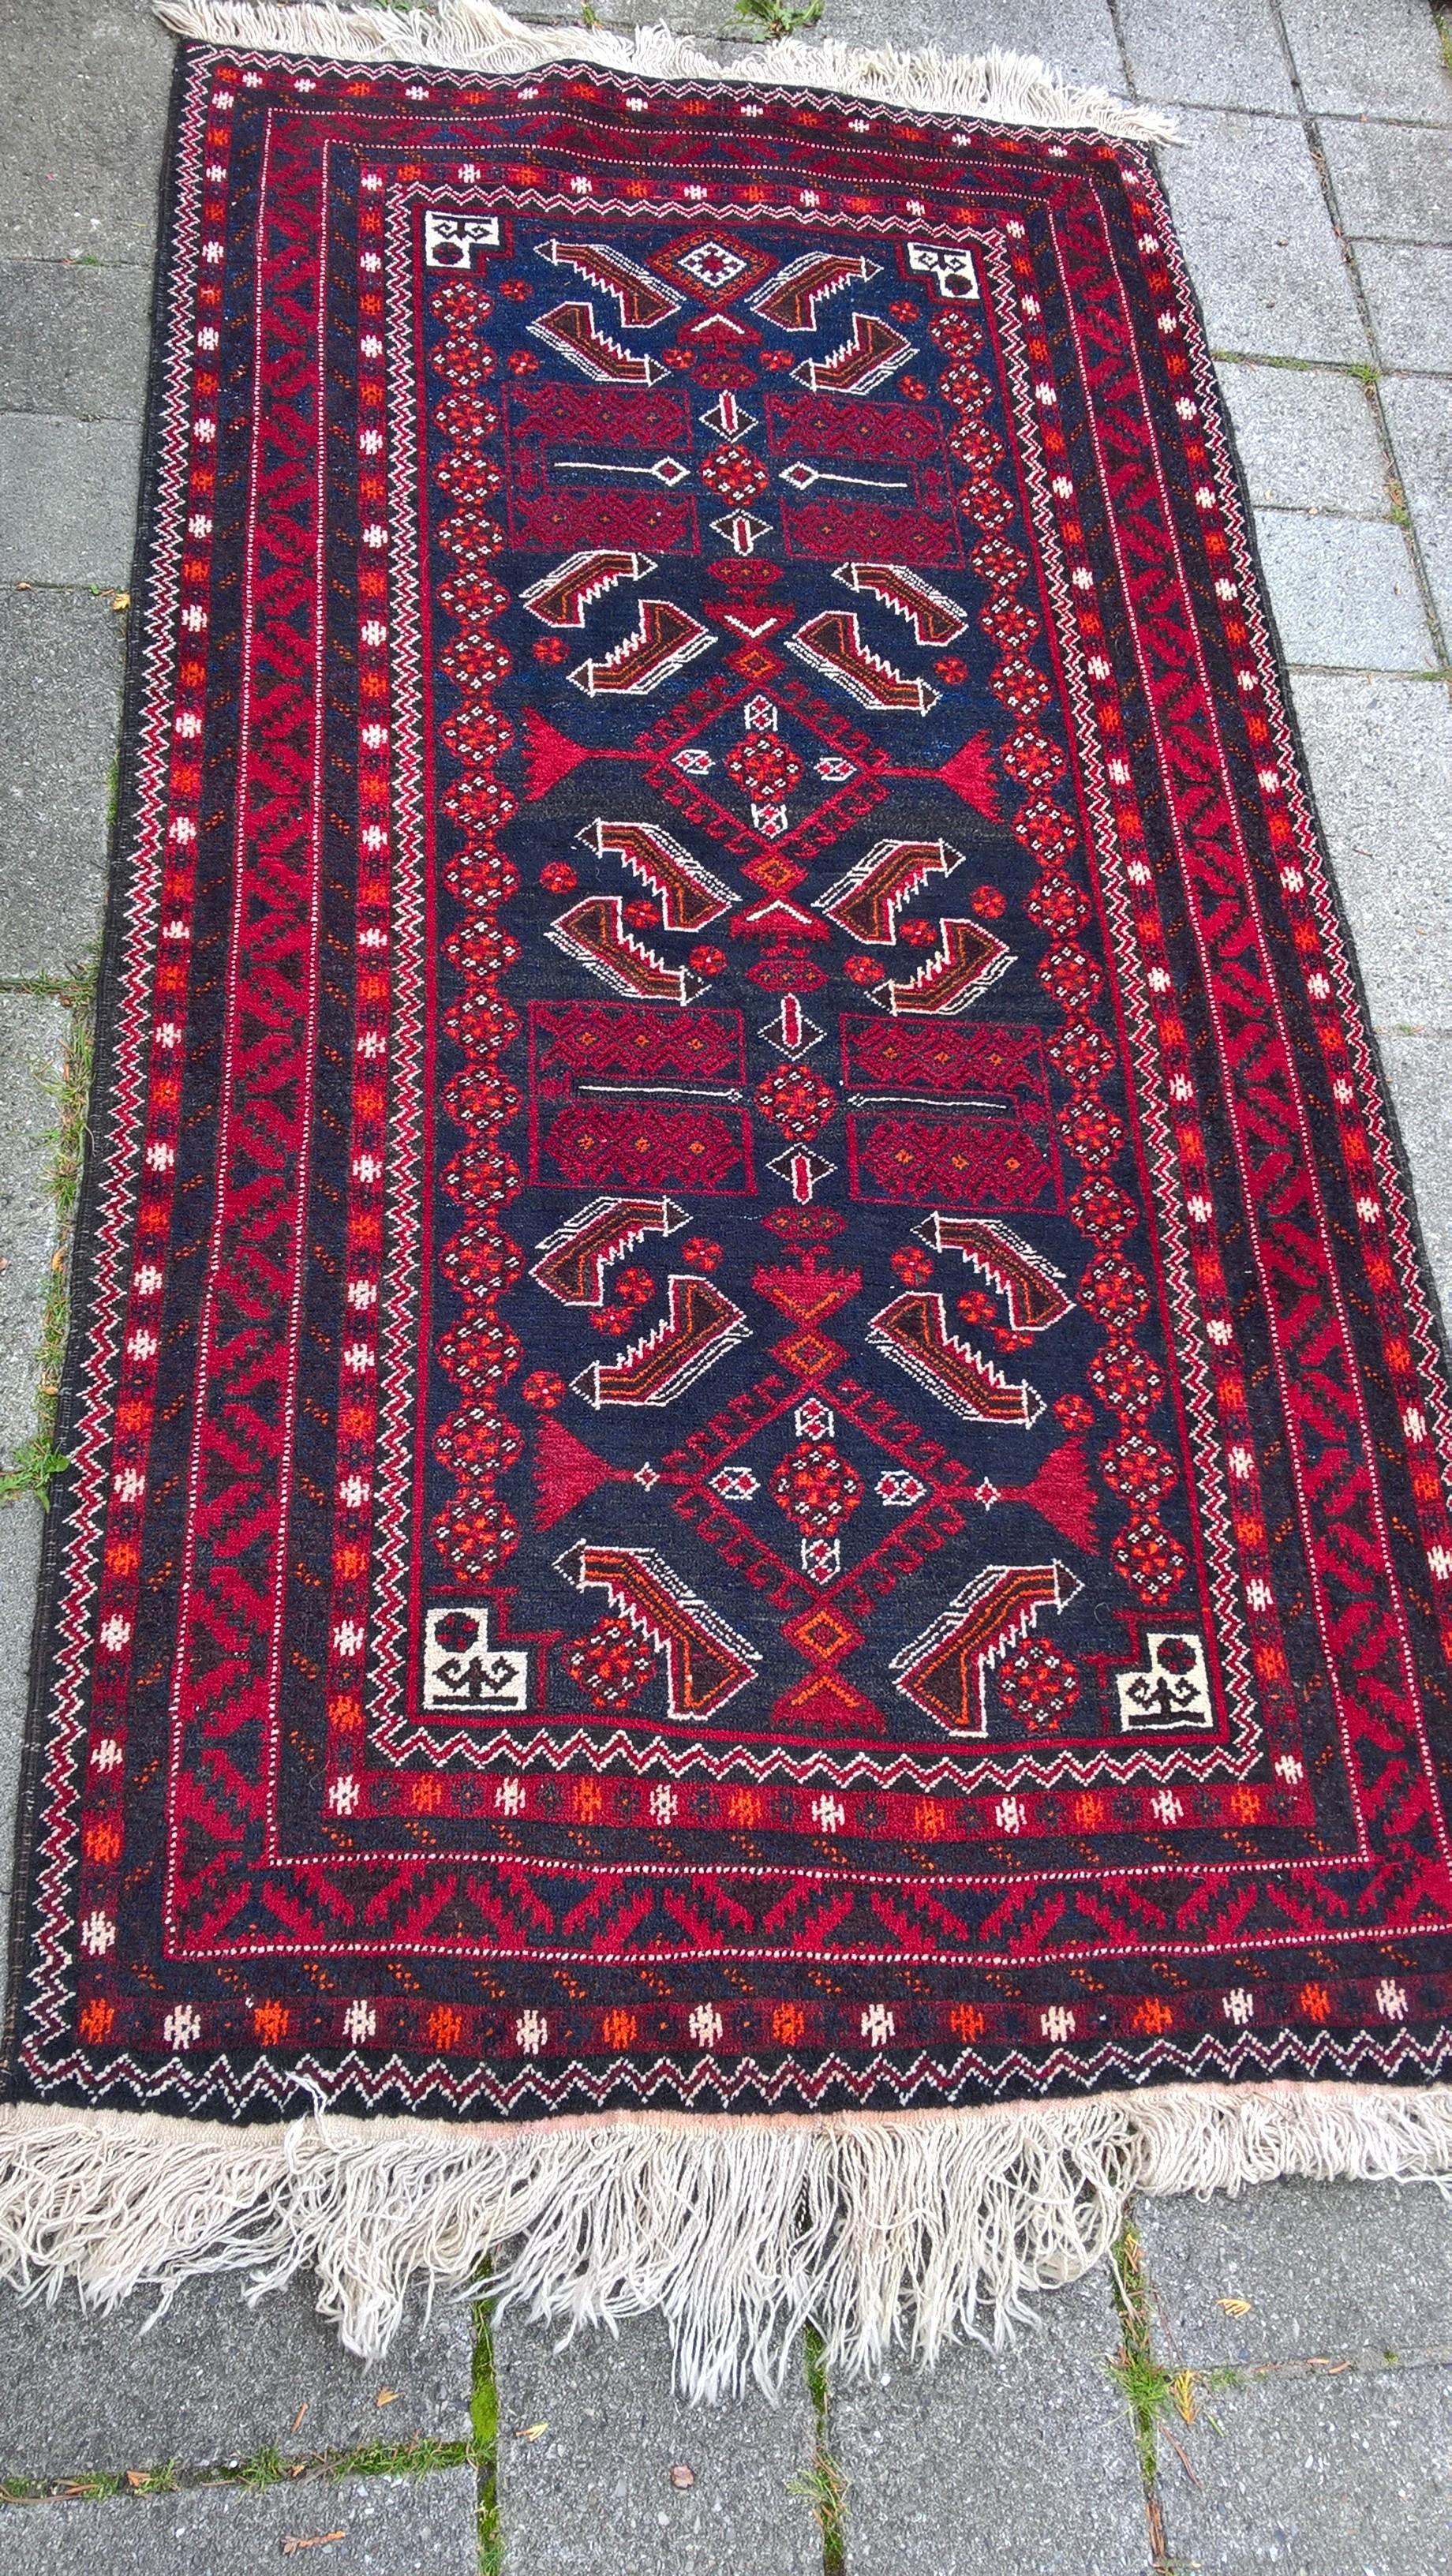 Ægte Persisk løber BELOUTCH Mål: 200 x 107 cm Tæppe kr. 5.500,- Varenr. Rug16-3460-14-red